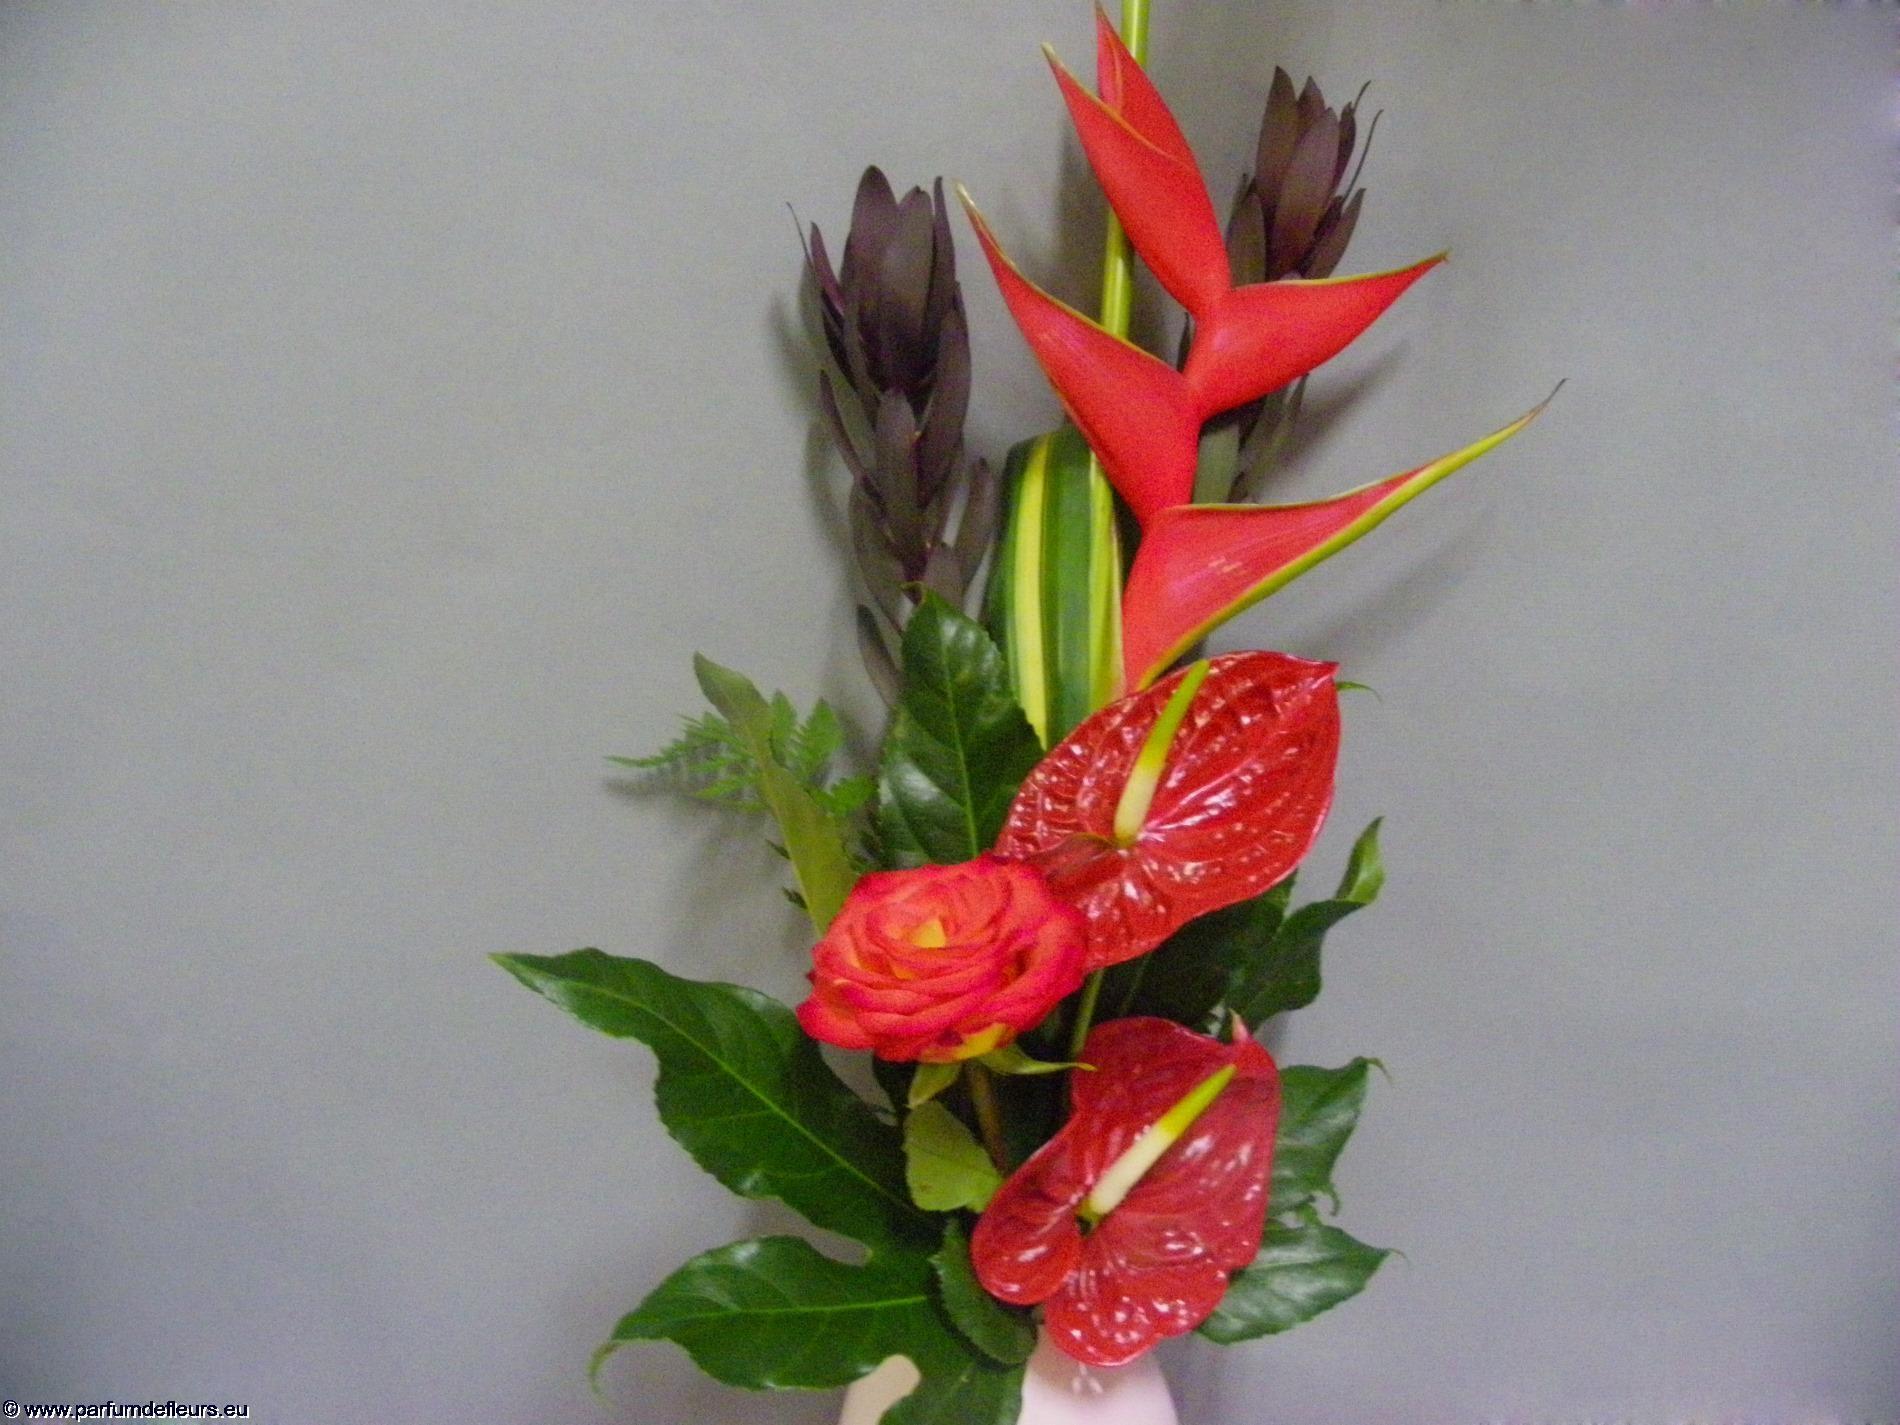 offrir-des-fleurs_fonds-ecran_02